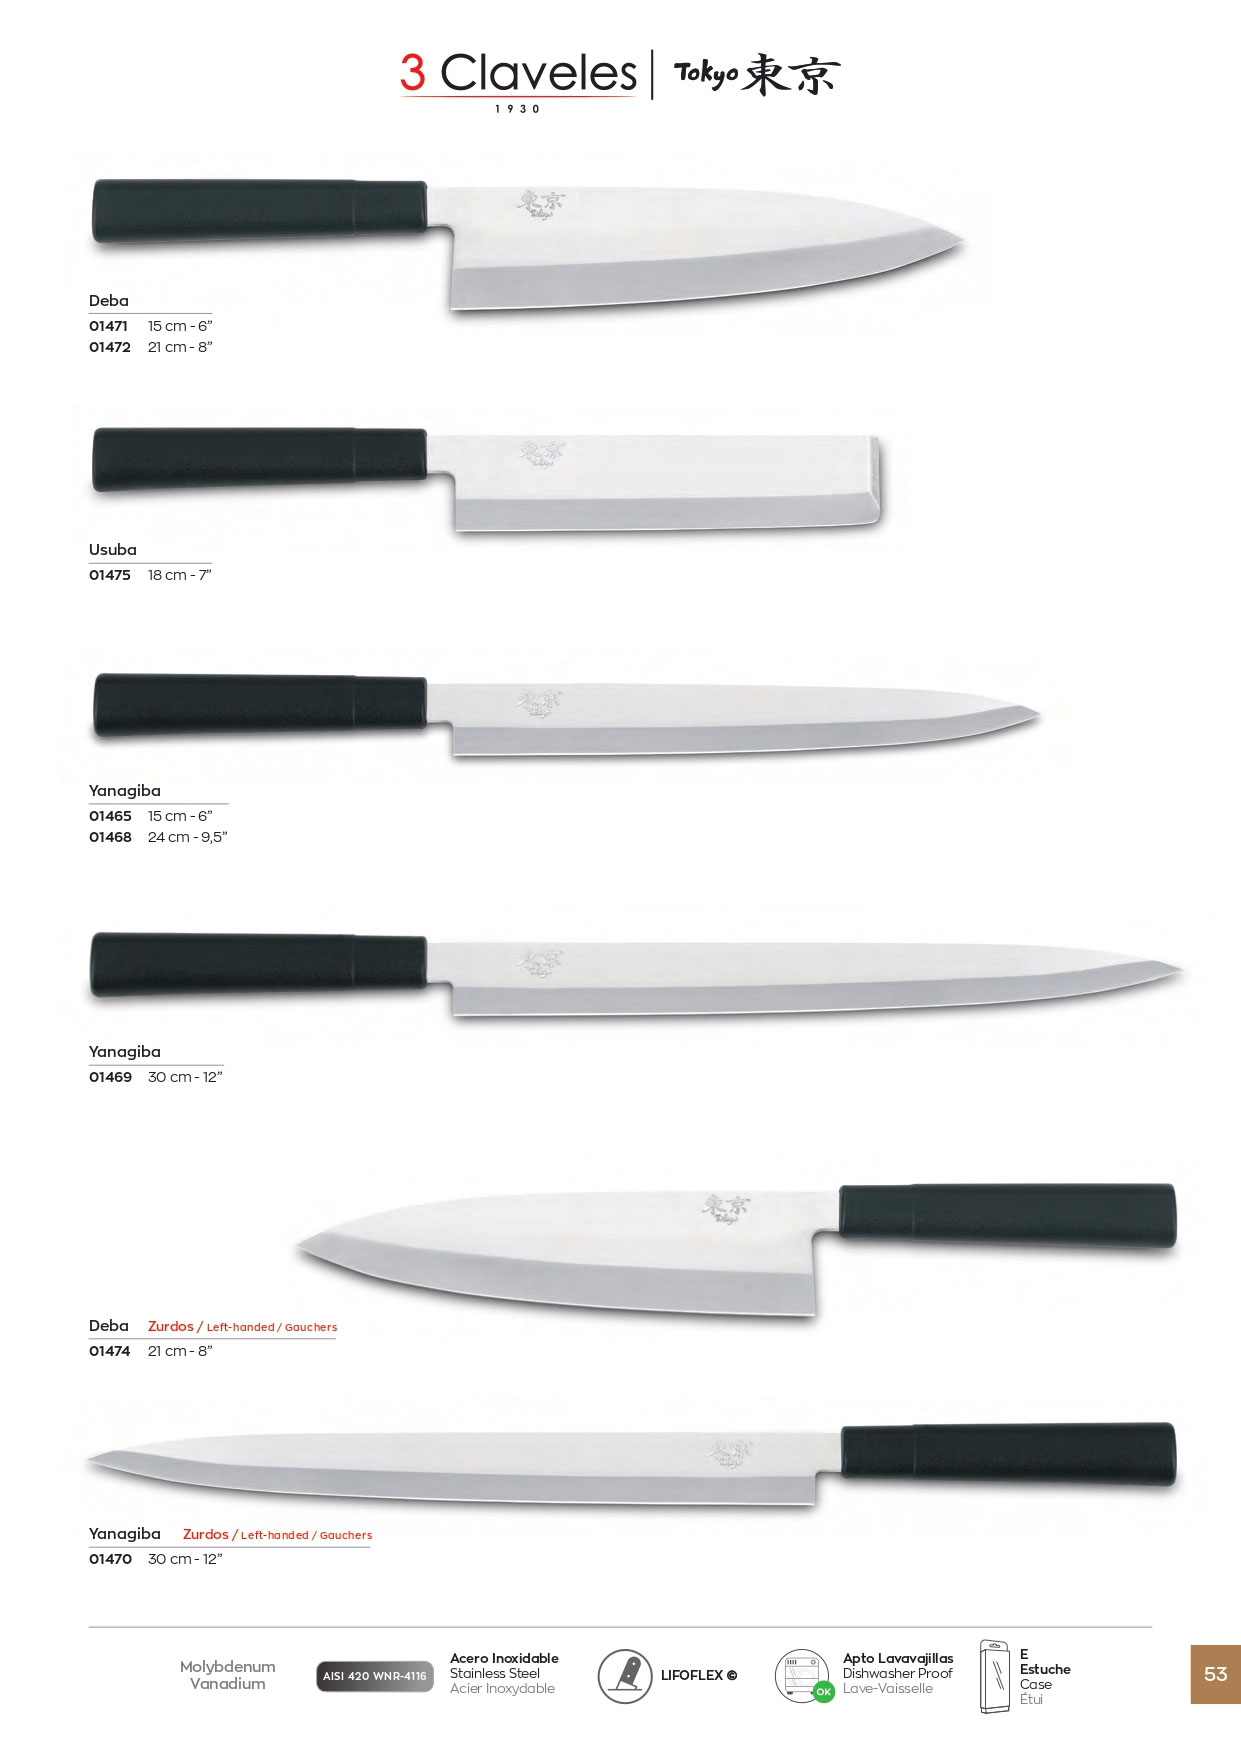 Professional knives cook cuchillos cocina tokyo 3 for Cuchillos de cocina